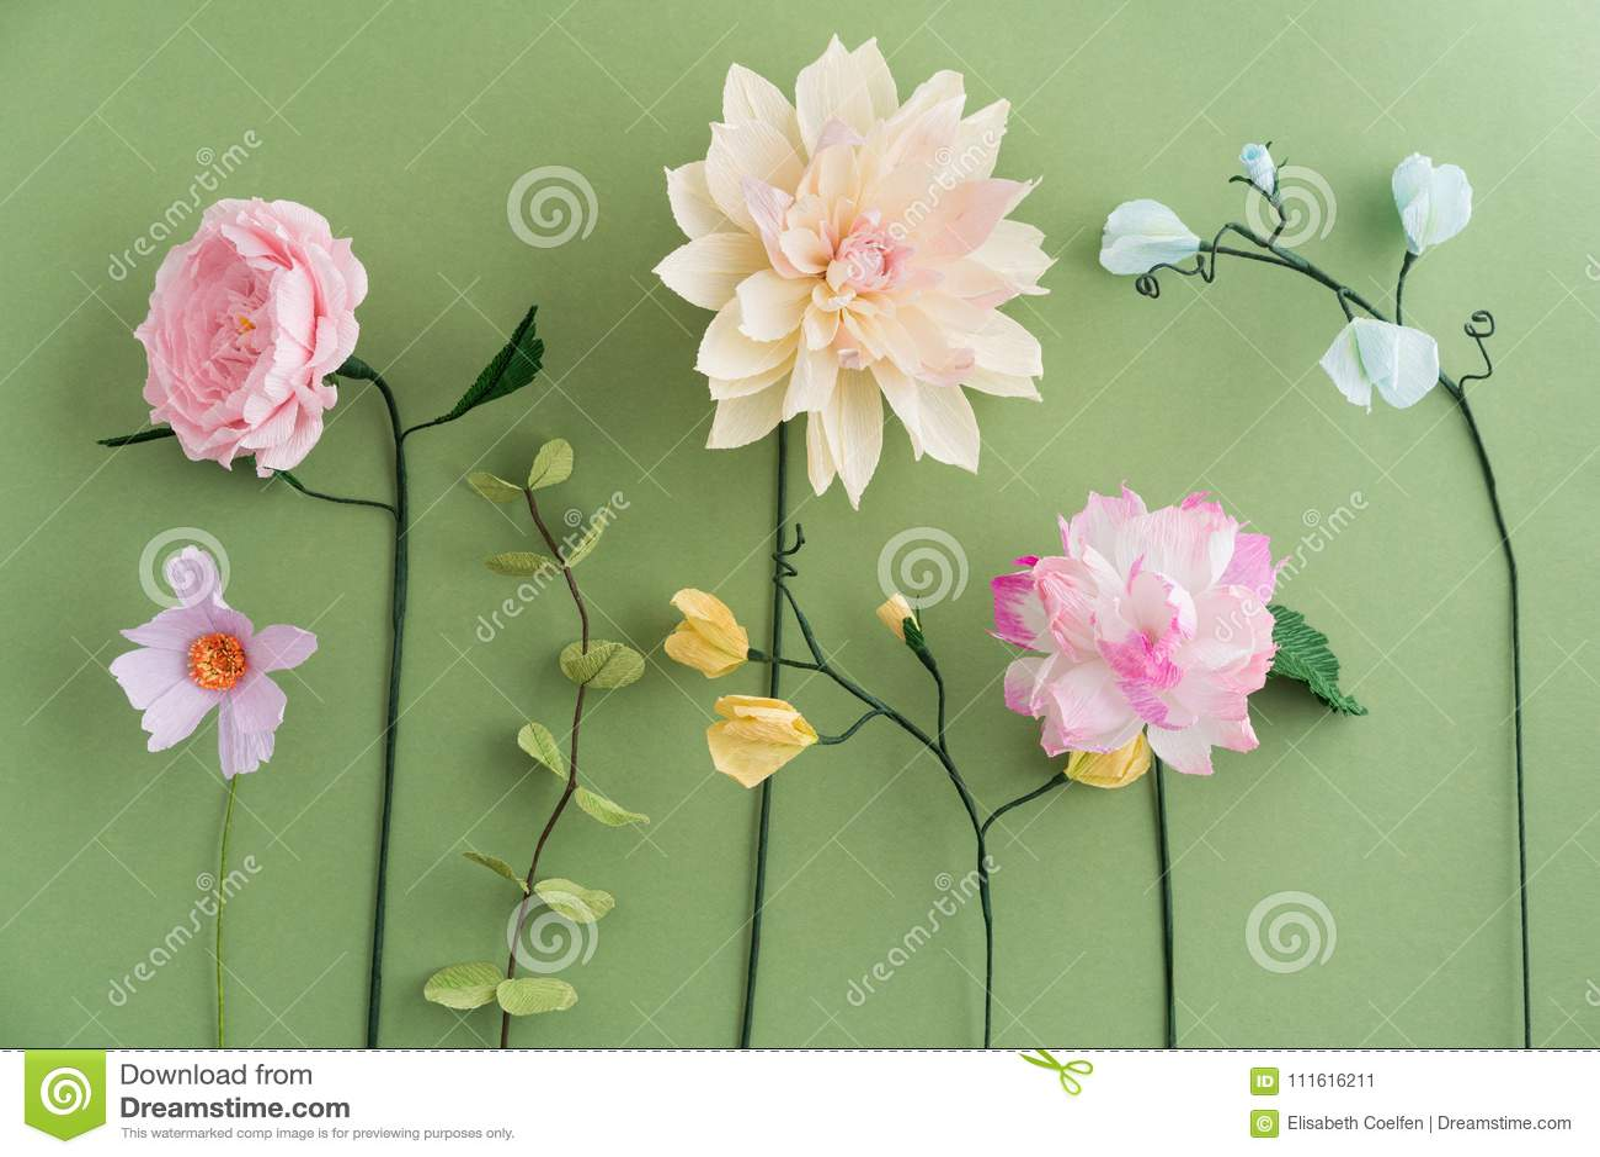 Papaveri Di Carta Crespa fiori di carta crespa immagine stock. immagine di